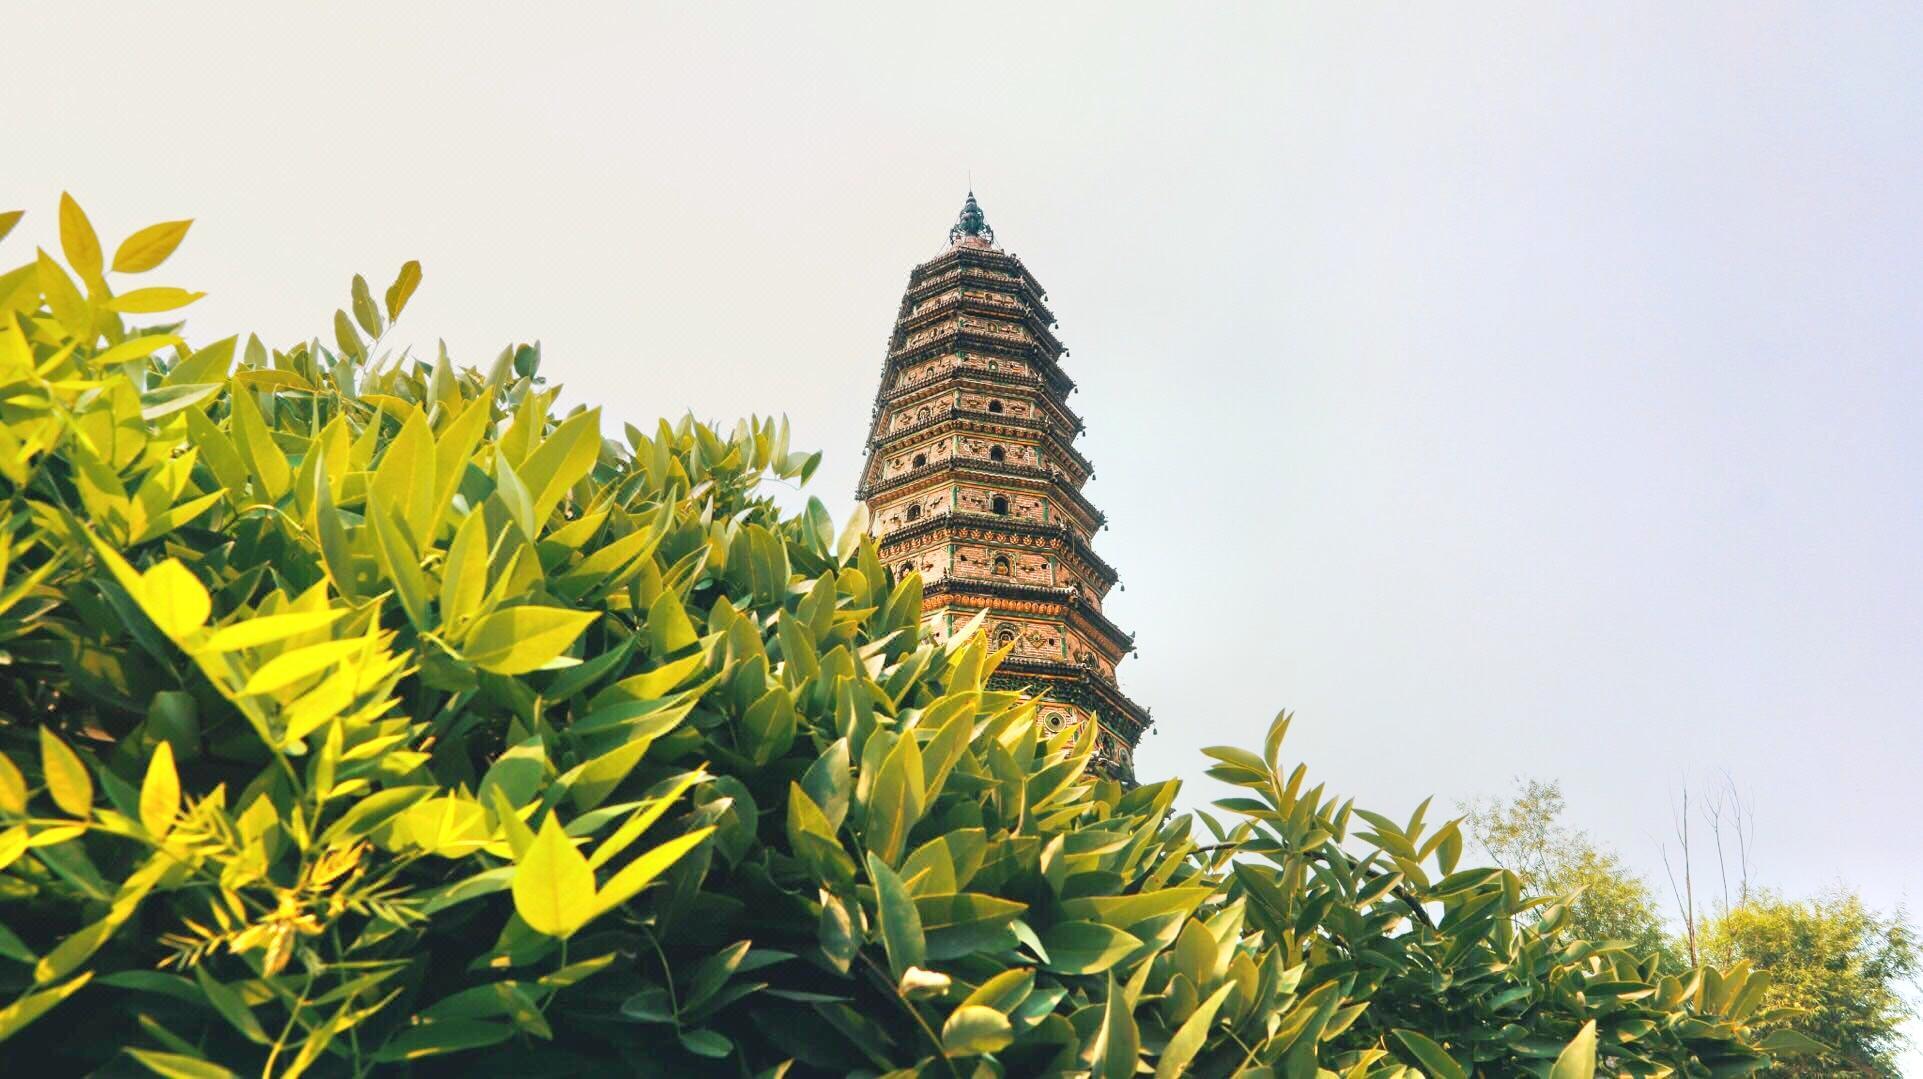 Feihong Tower